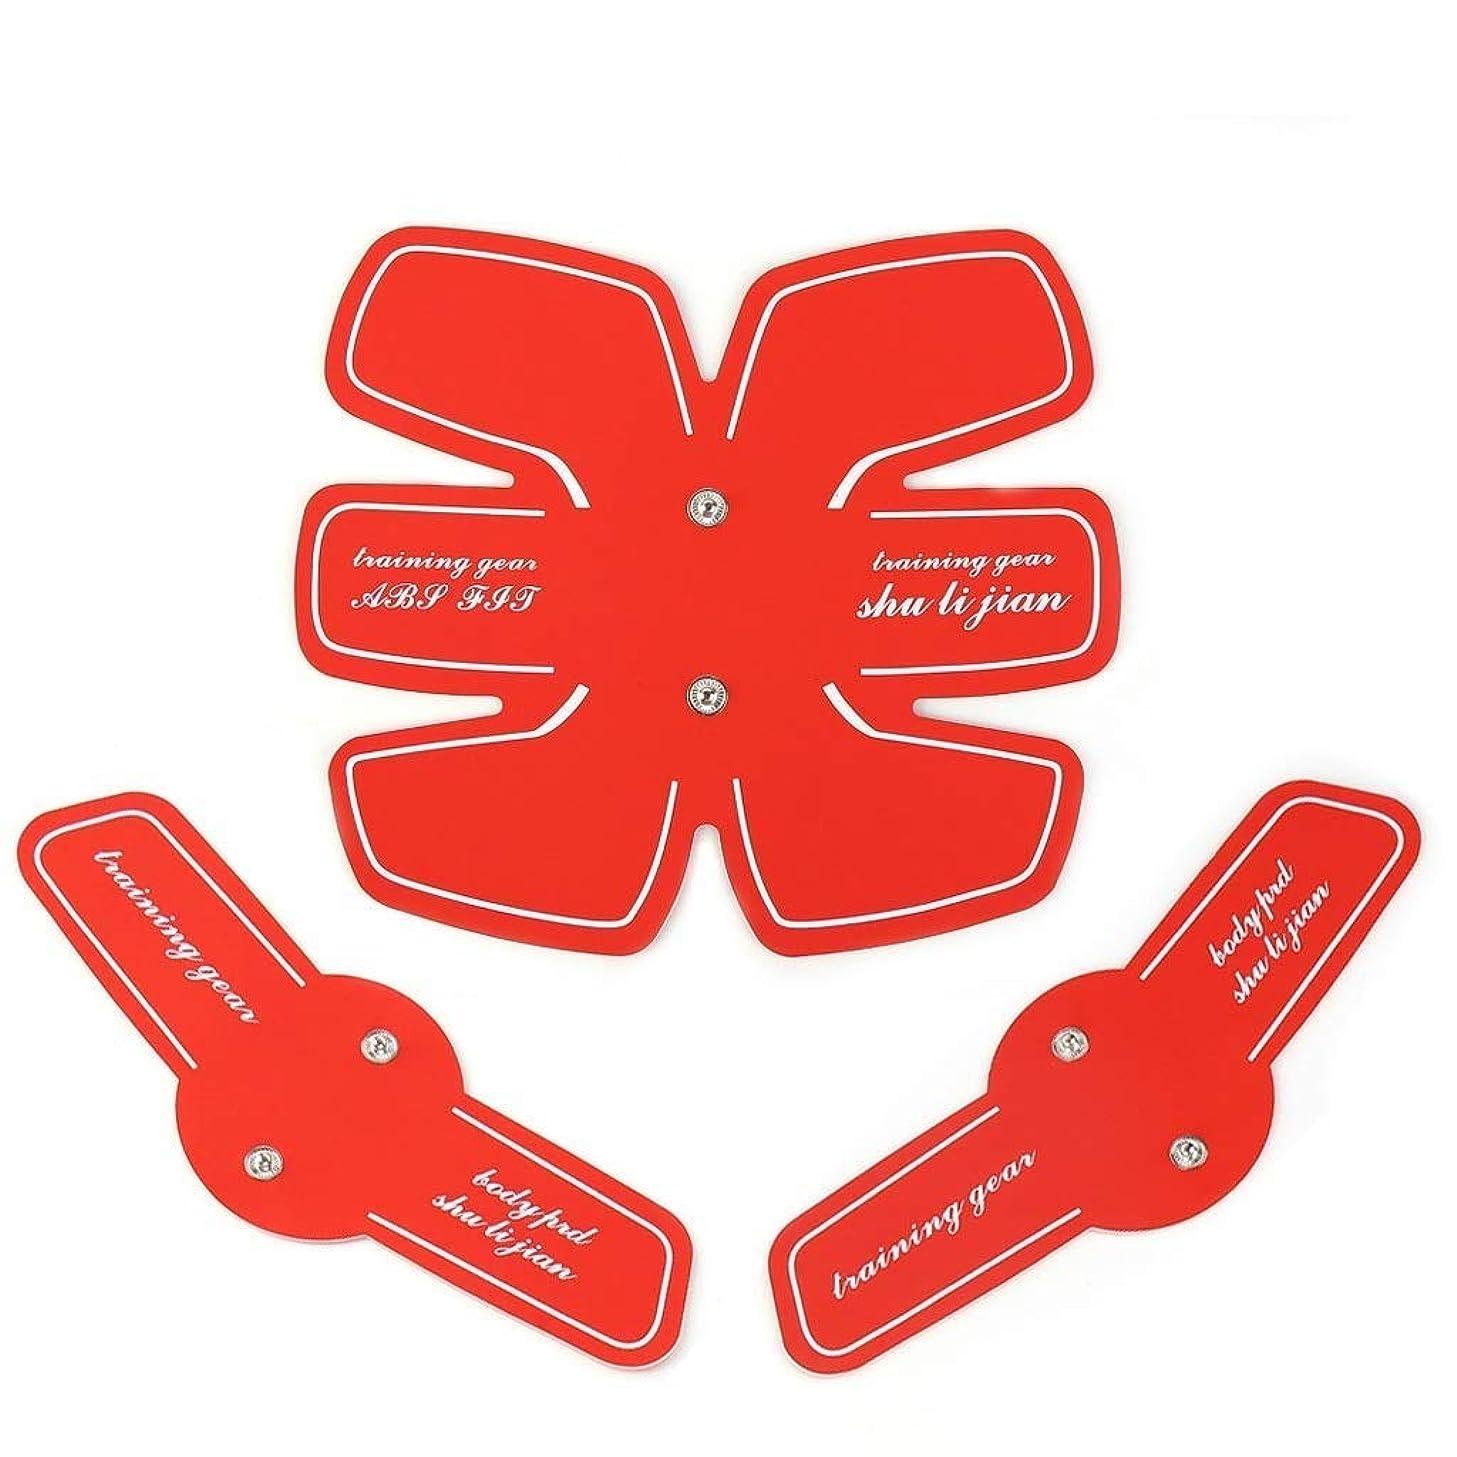 打倒不実を必要としていますフィットネス腹筋刺激装置トレーナーEMS筋肉トナー筋肉刺激剤腹部調色用ベルト、ホームオフィスUSB充電エクササイズ腹部/腕/脚腹部マッサージ (Color : RED)